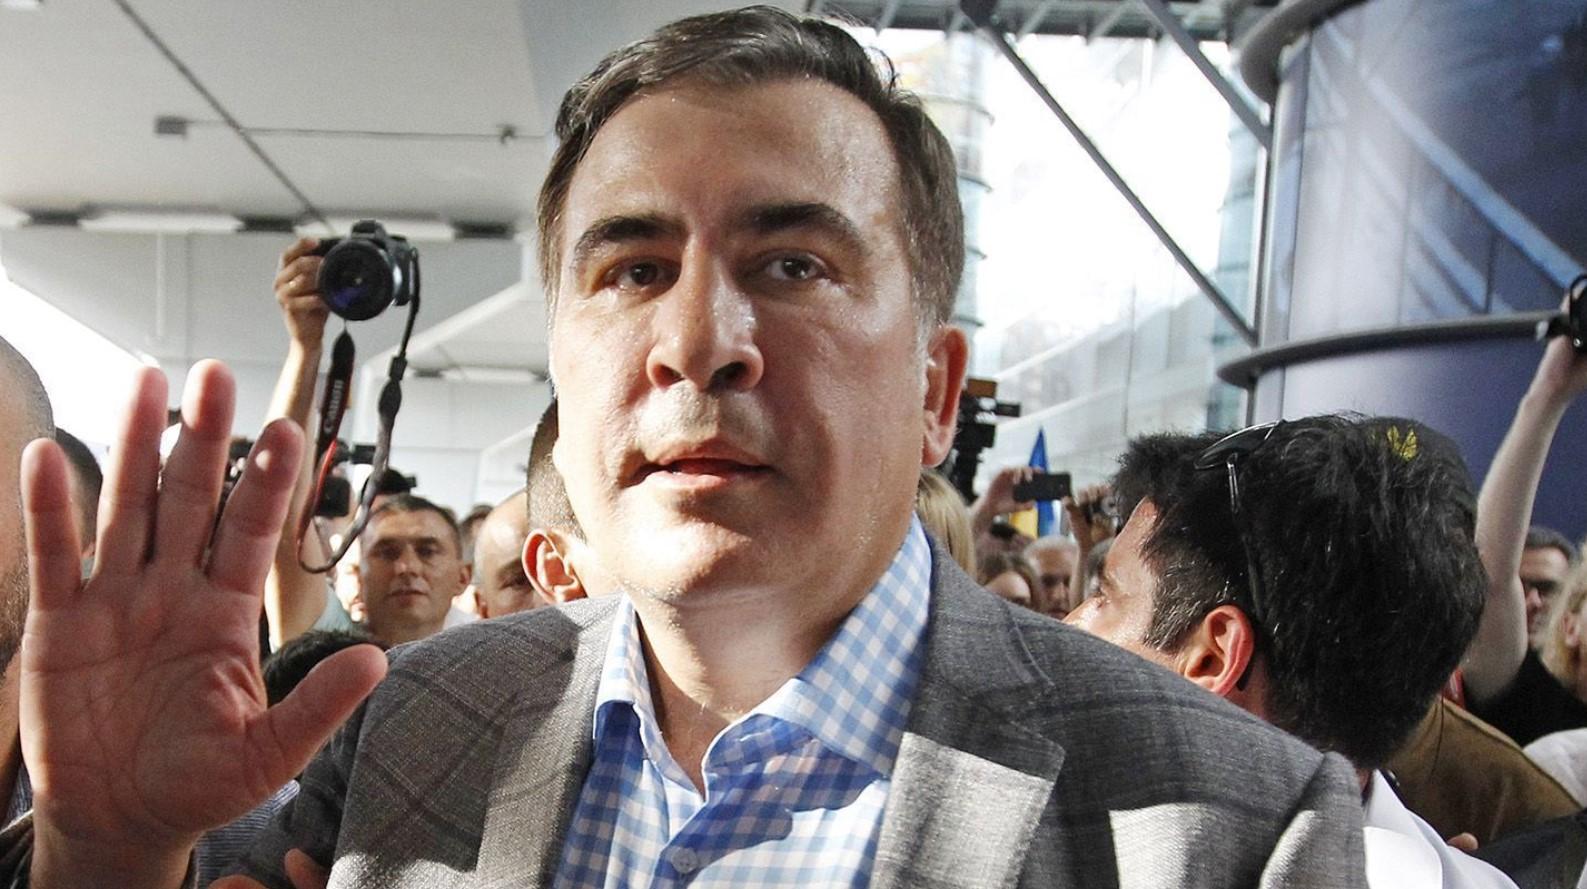 ГПСУ отстранила ряд пограничников из-за выезда Саакашвили из Украины